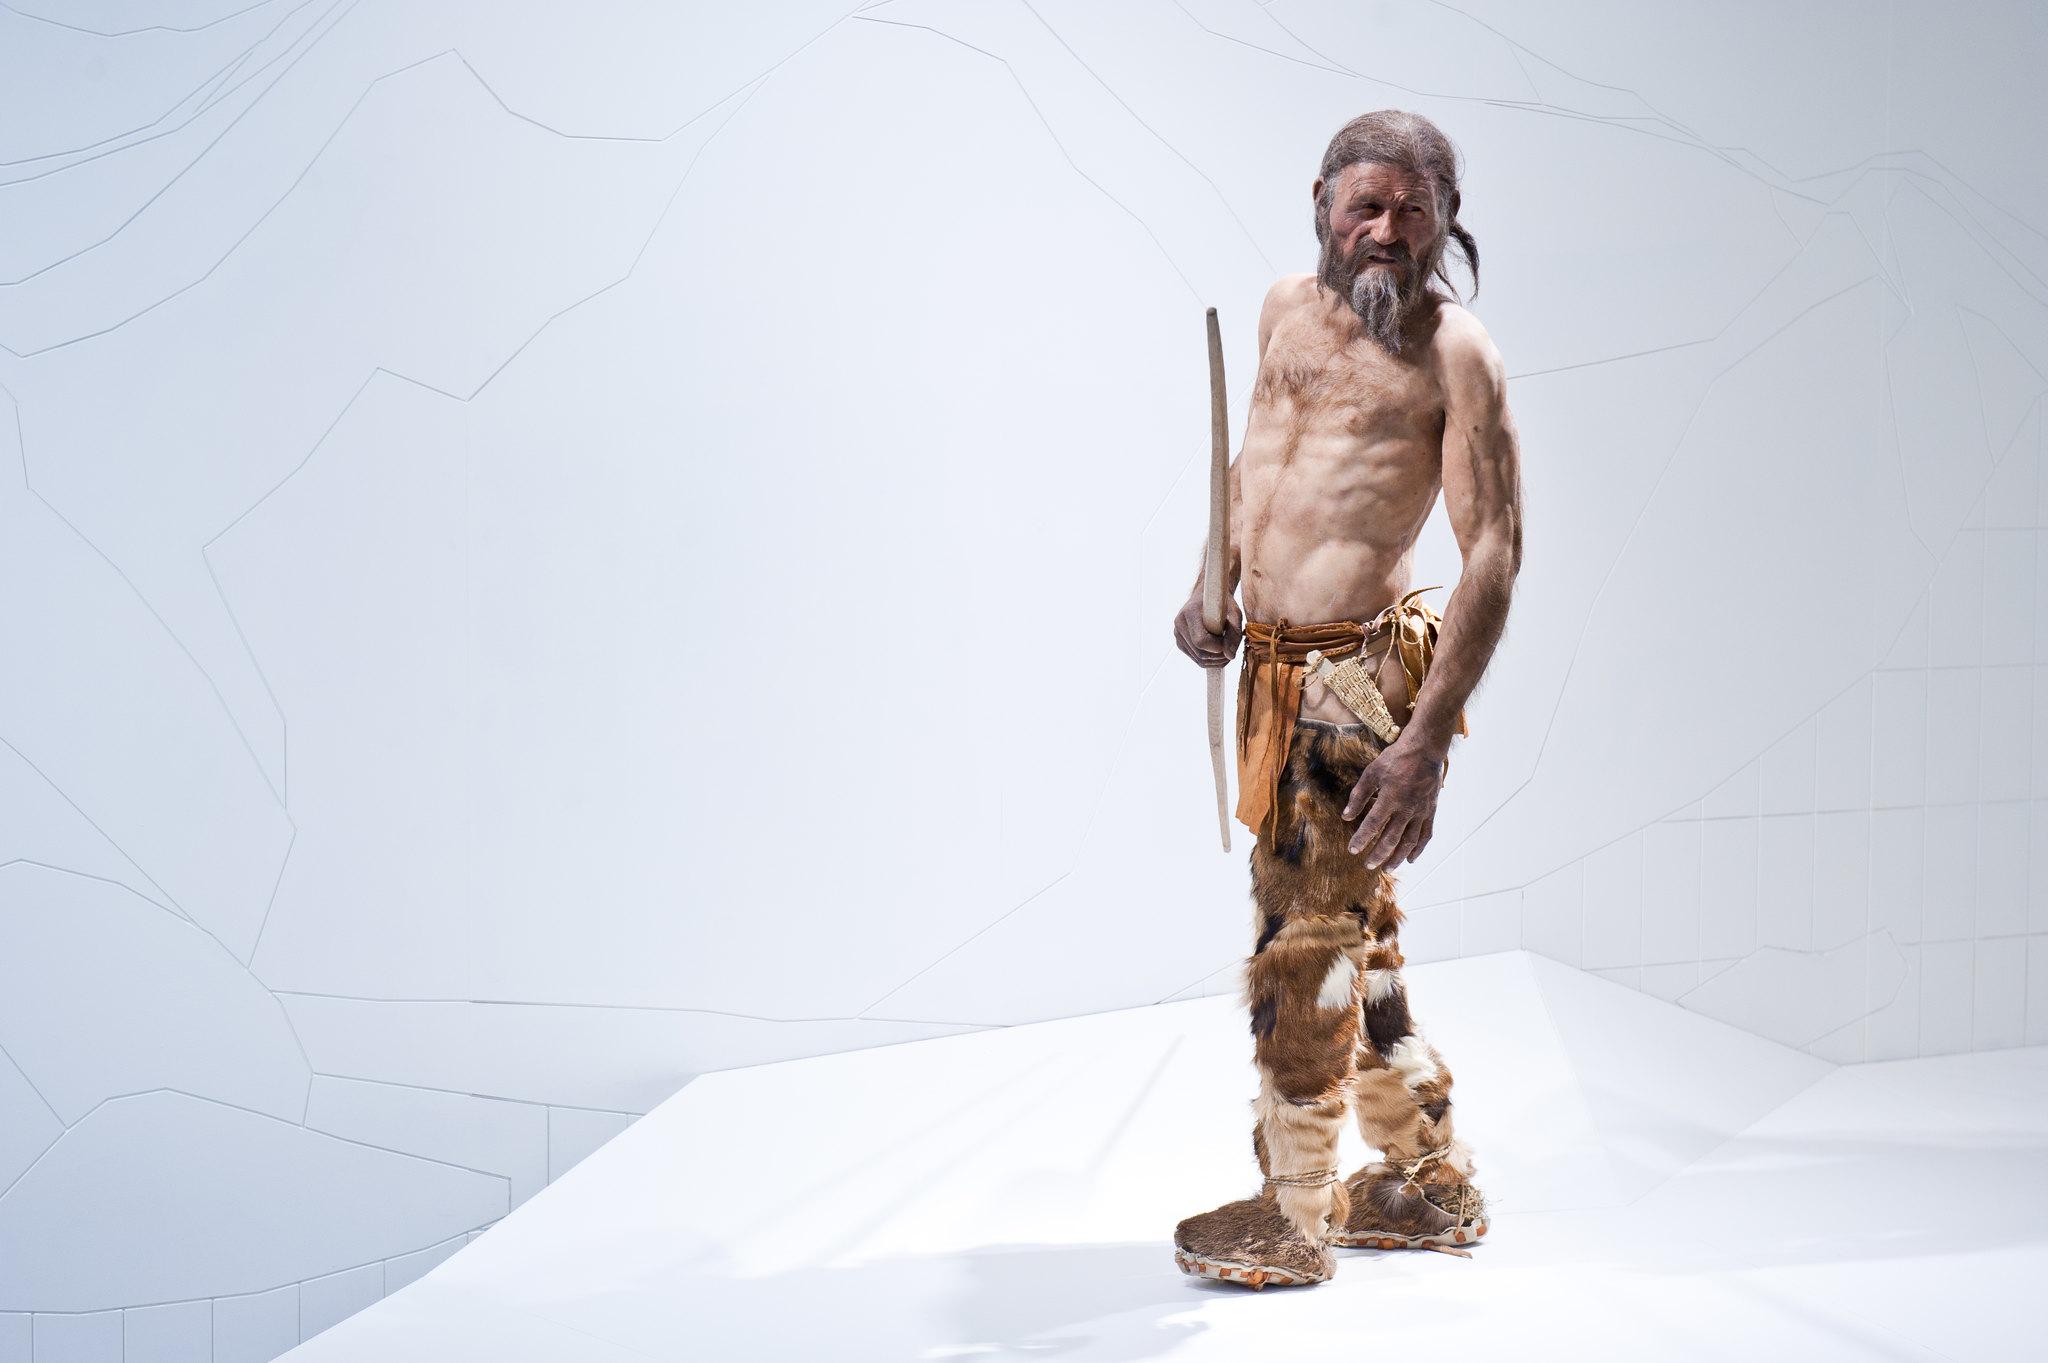 Oetzi l'homme des glaces de Bolzano